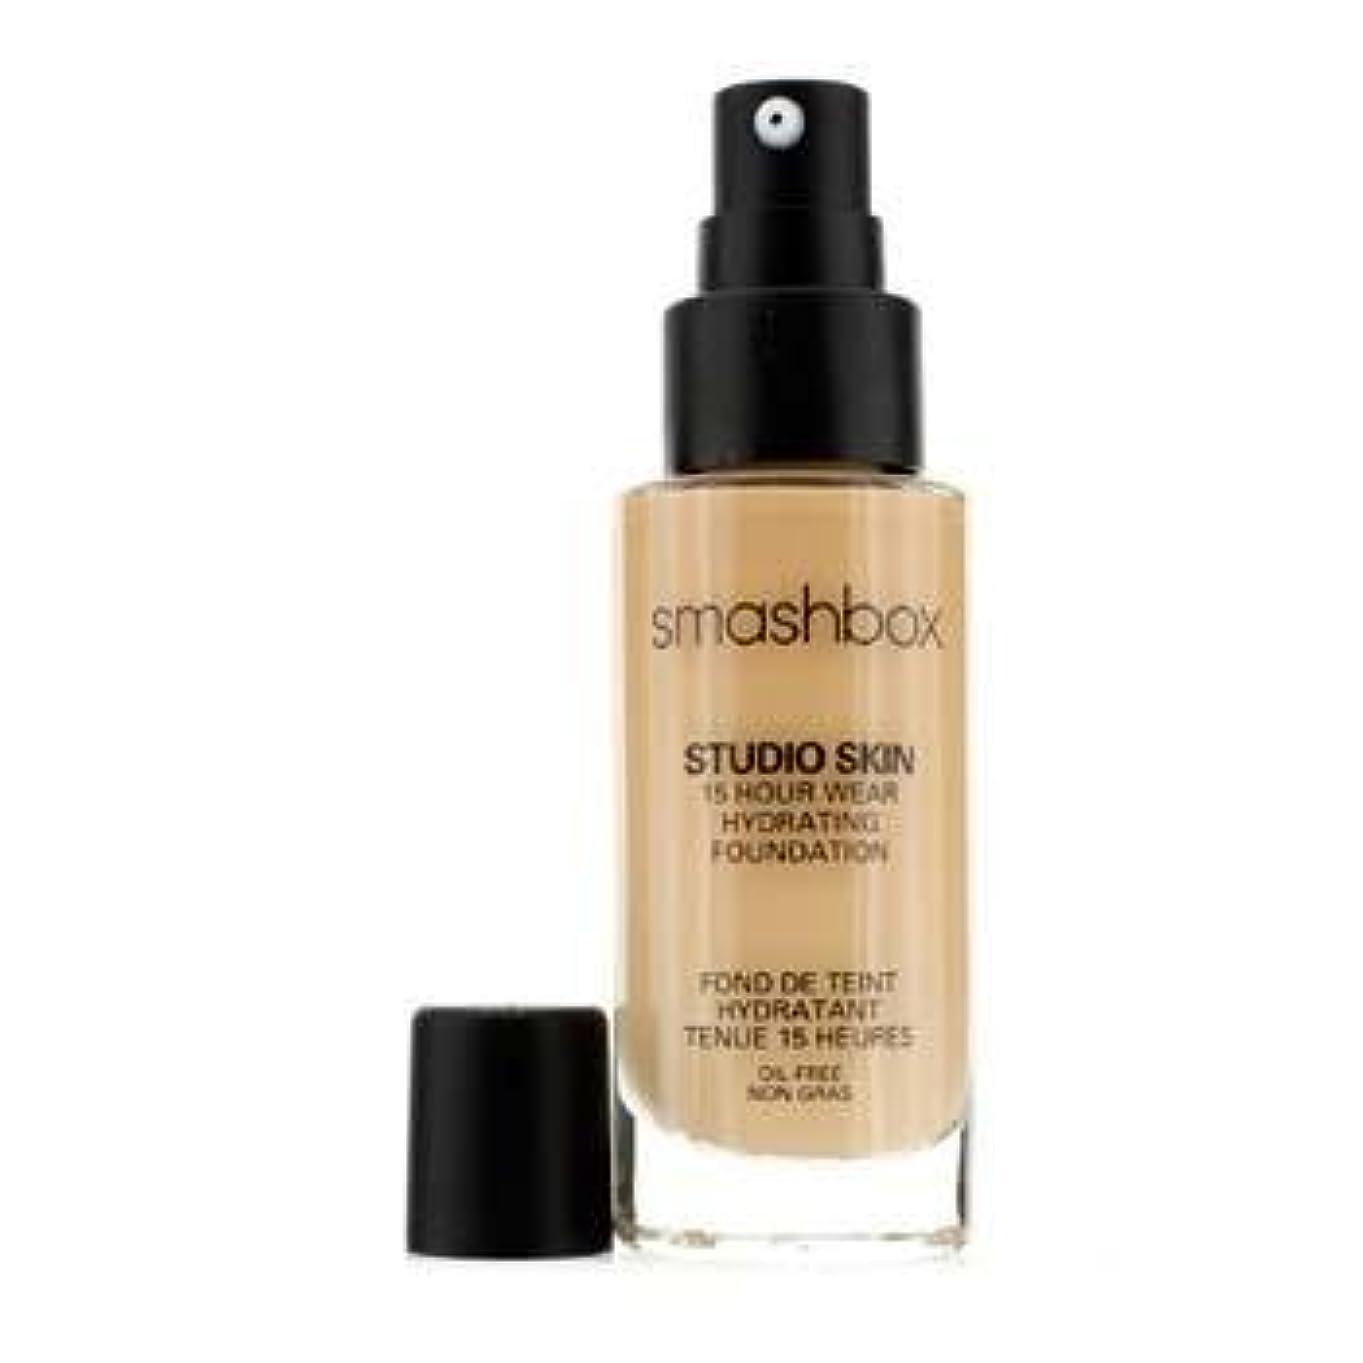 かご優越懲戒スマッシュボックス Studio Skin 15 Hour Wear Hydrating Foundation - # 2.1 Light Beige 30ml/1oz並行輸入品